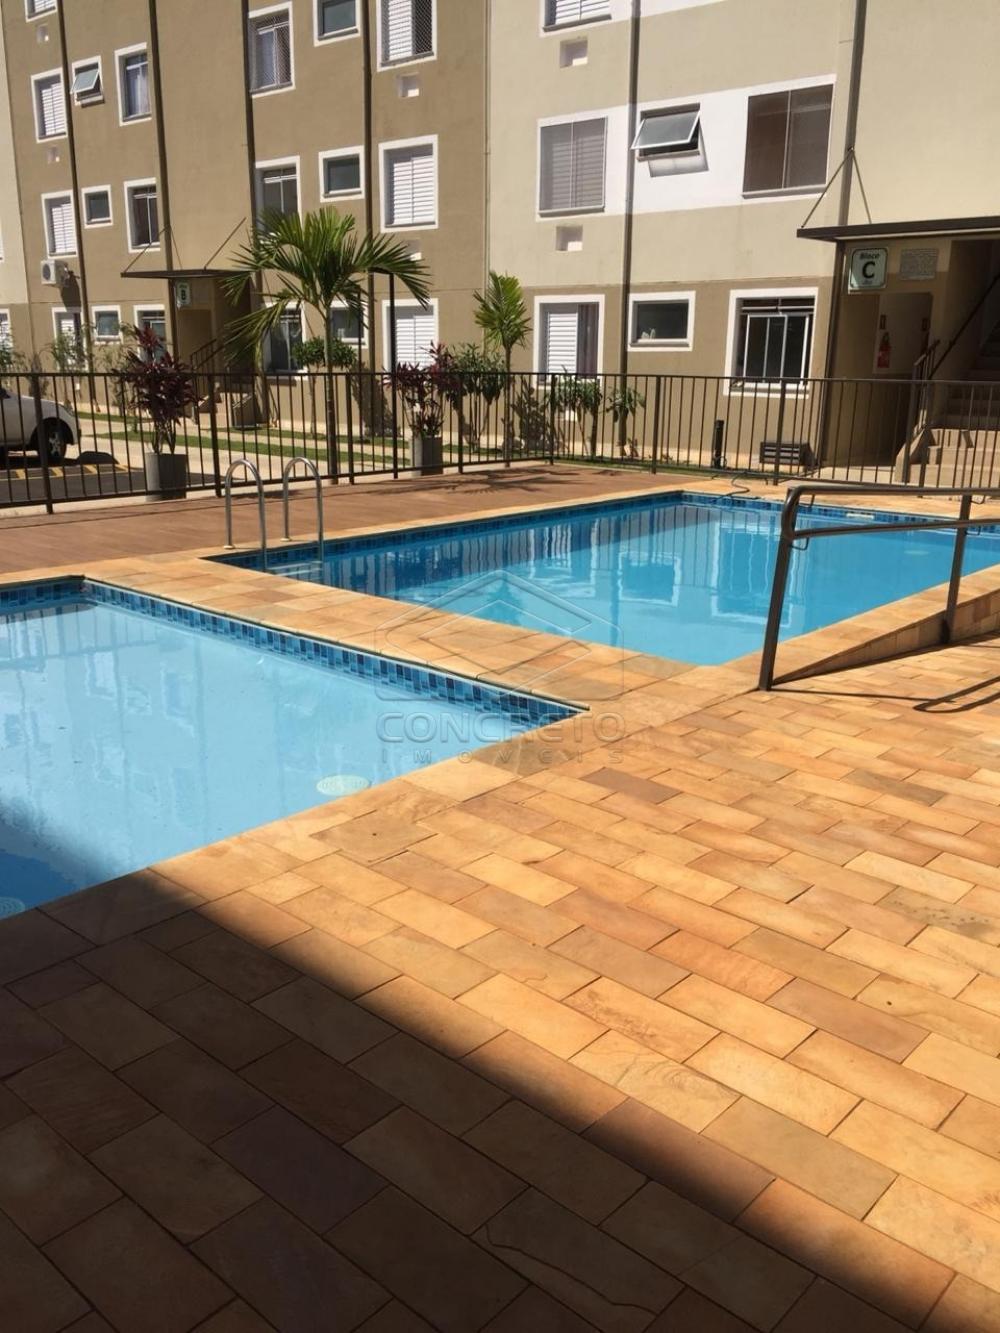 Comprar Apartamento / Padrão em Bauru R$ 150.000,00 - Foto 12